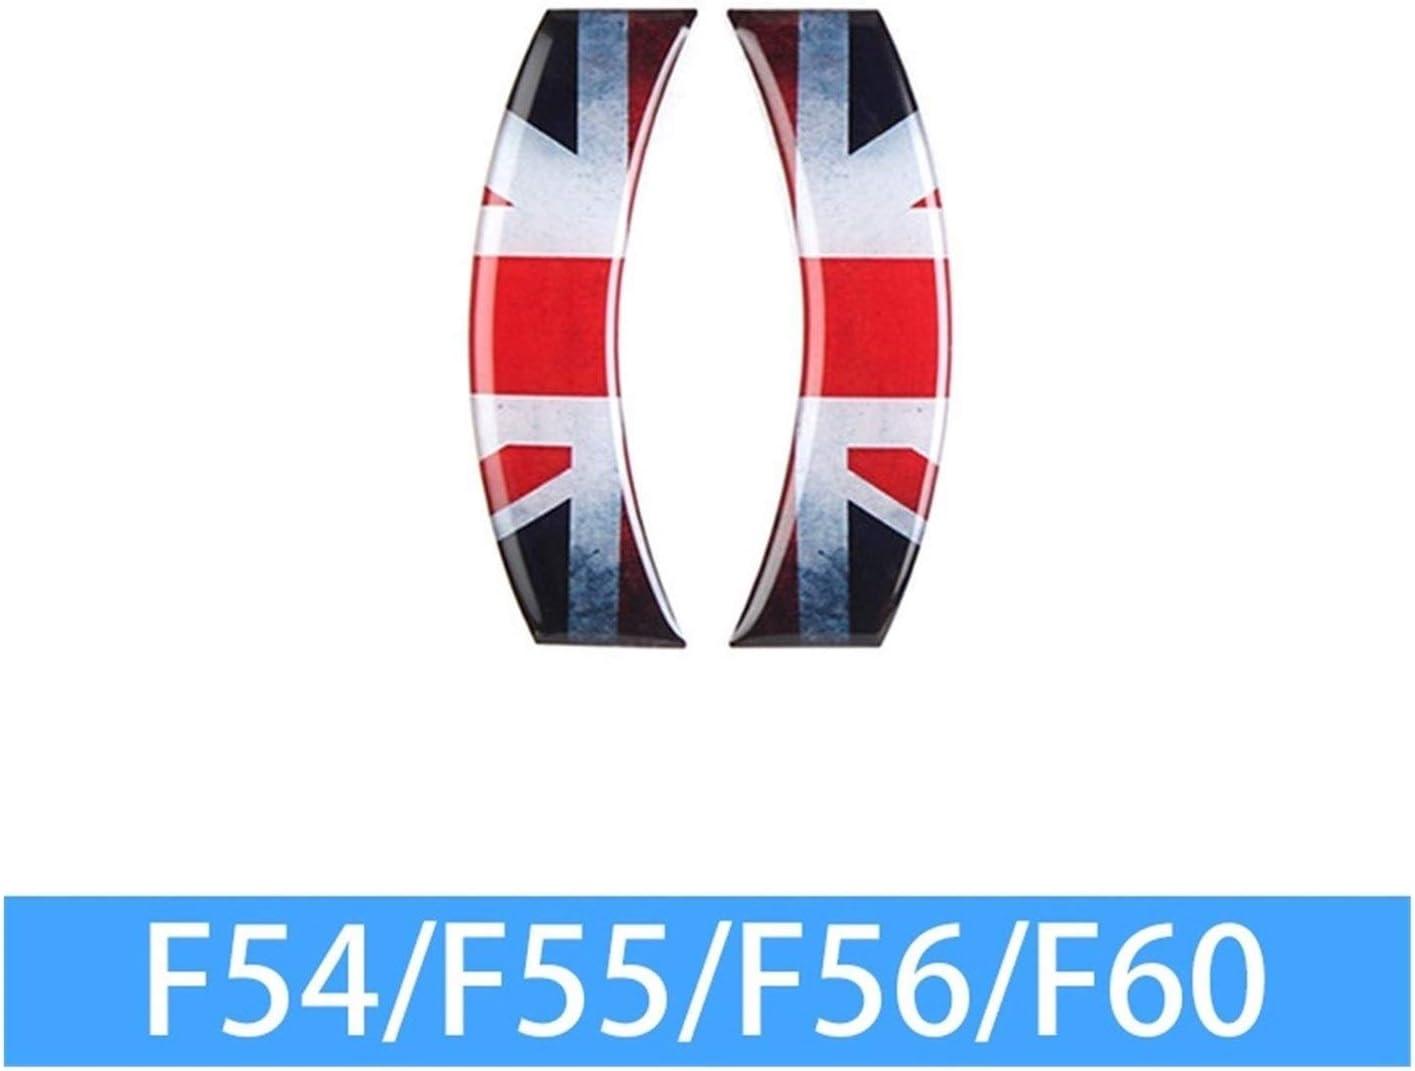 HTSM LCD Car 6.5 Pollici Autoadesivo Decorazione Dinterni Che Designa Gli Accessori per BMW Mini Cooper Clubman F54 F55 F56 F57 F60 Countryman Car Interior Raccordi Decorativo Color : 6